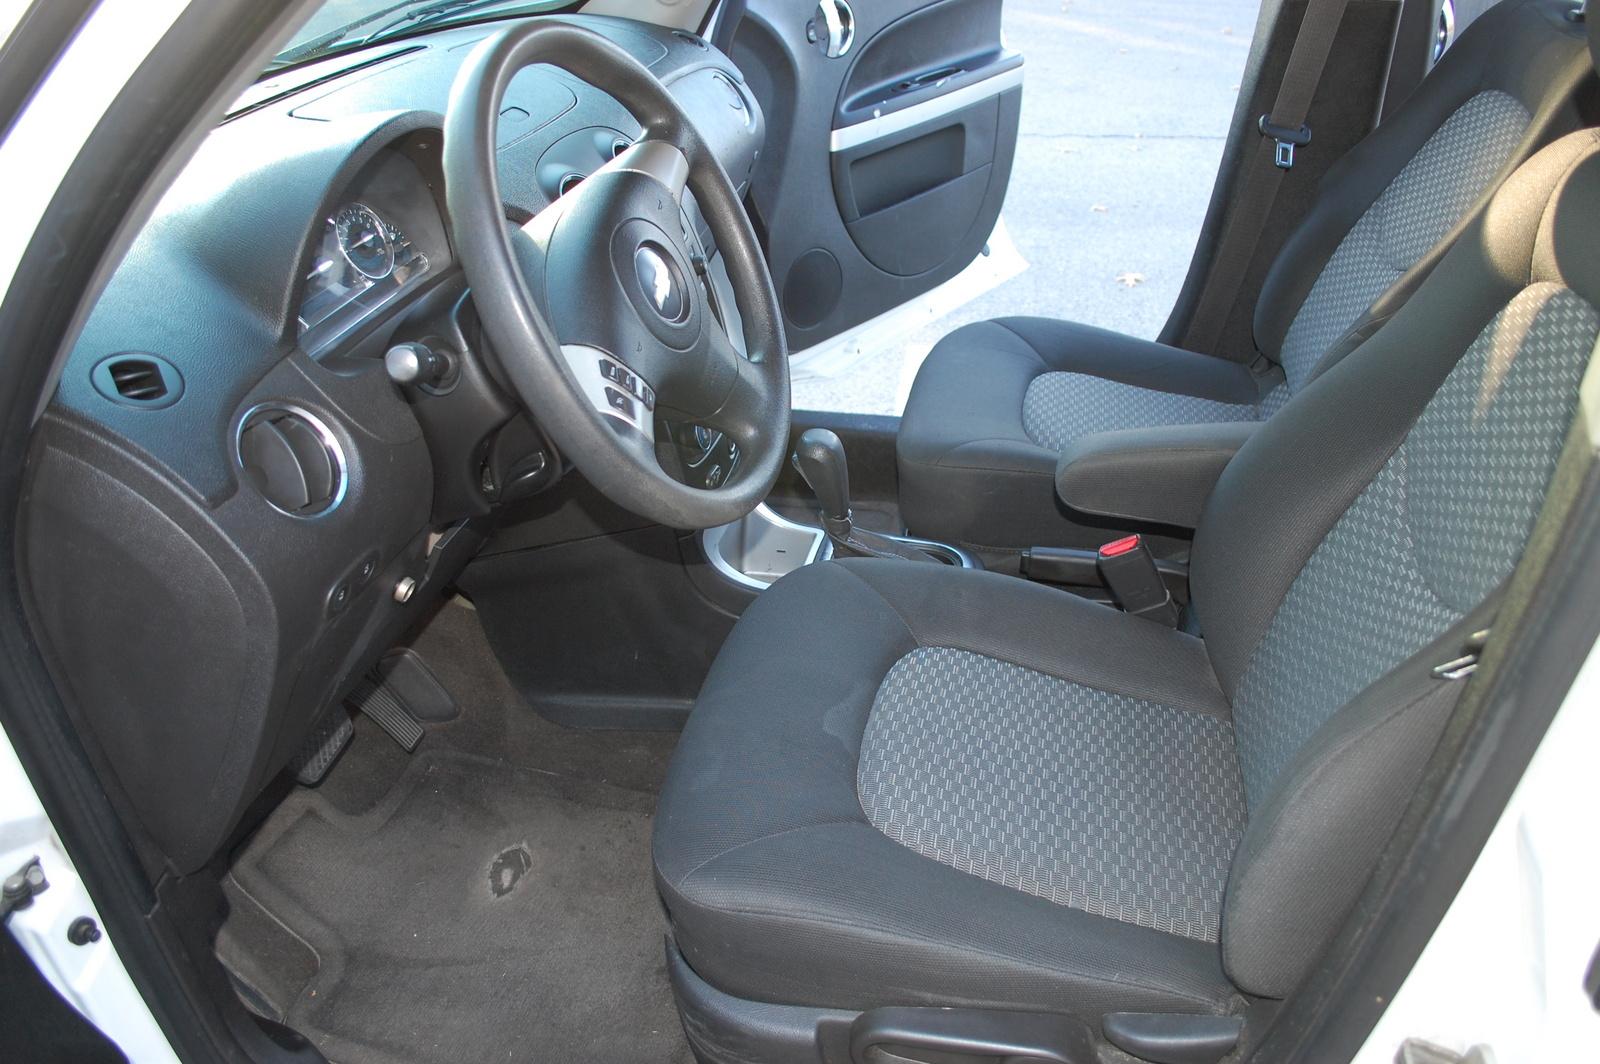 2009 Chevrolet Hhr Pictures Cargurus